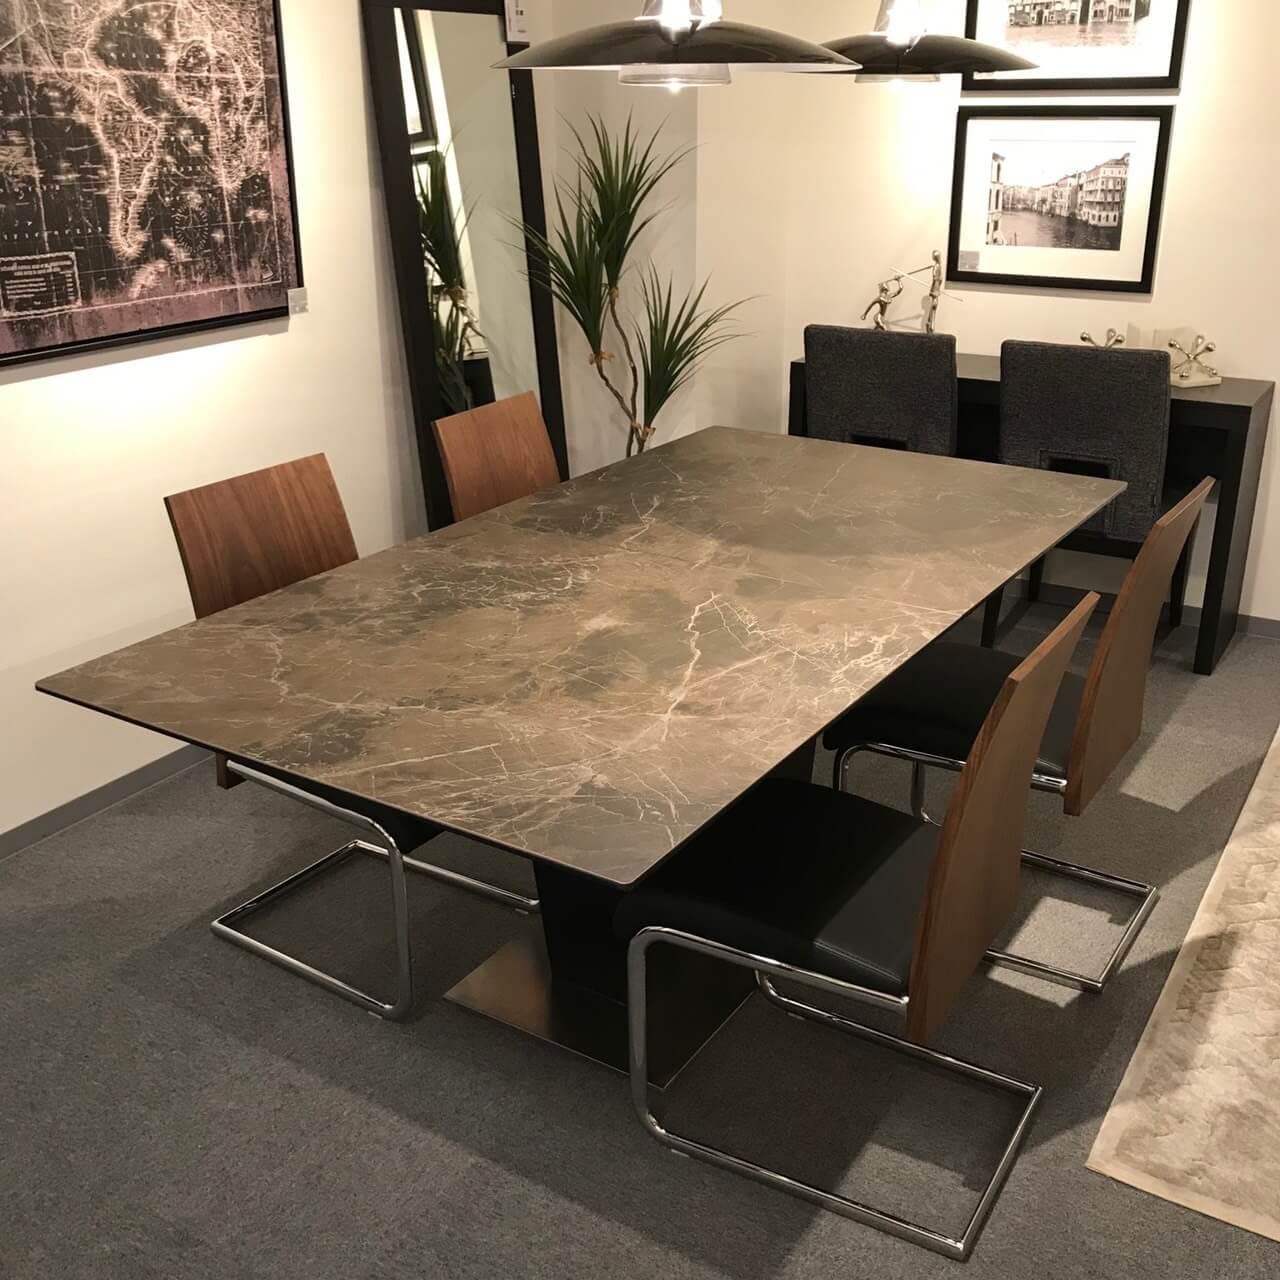 セラミックダイニングテーブル 家具 名古屋 モダン